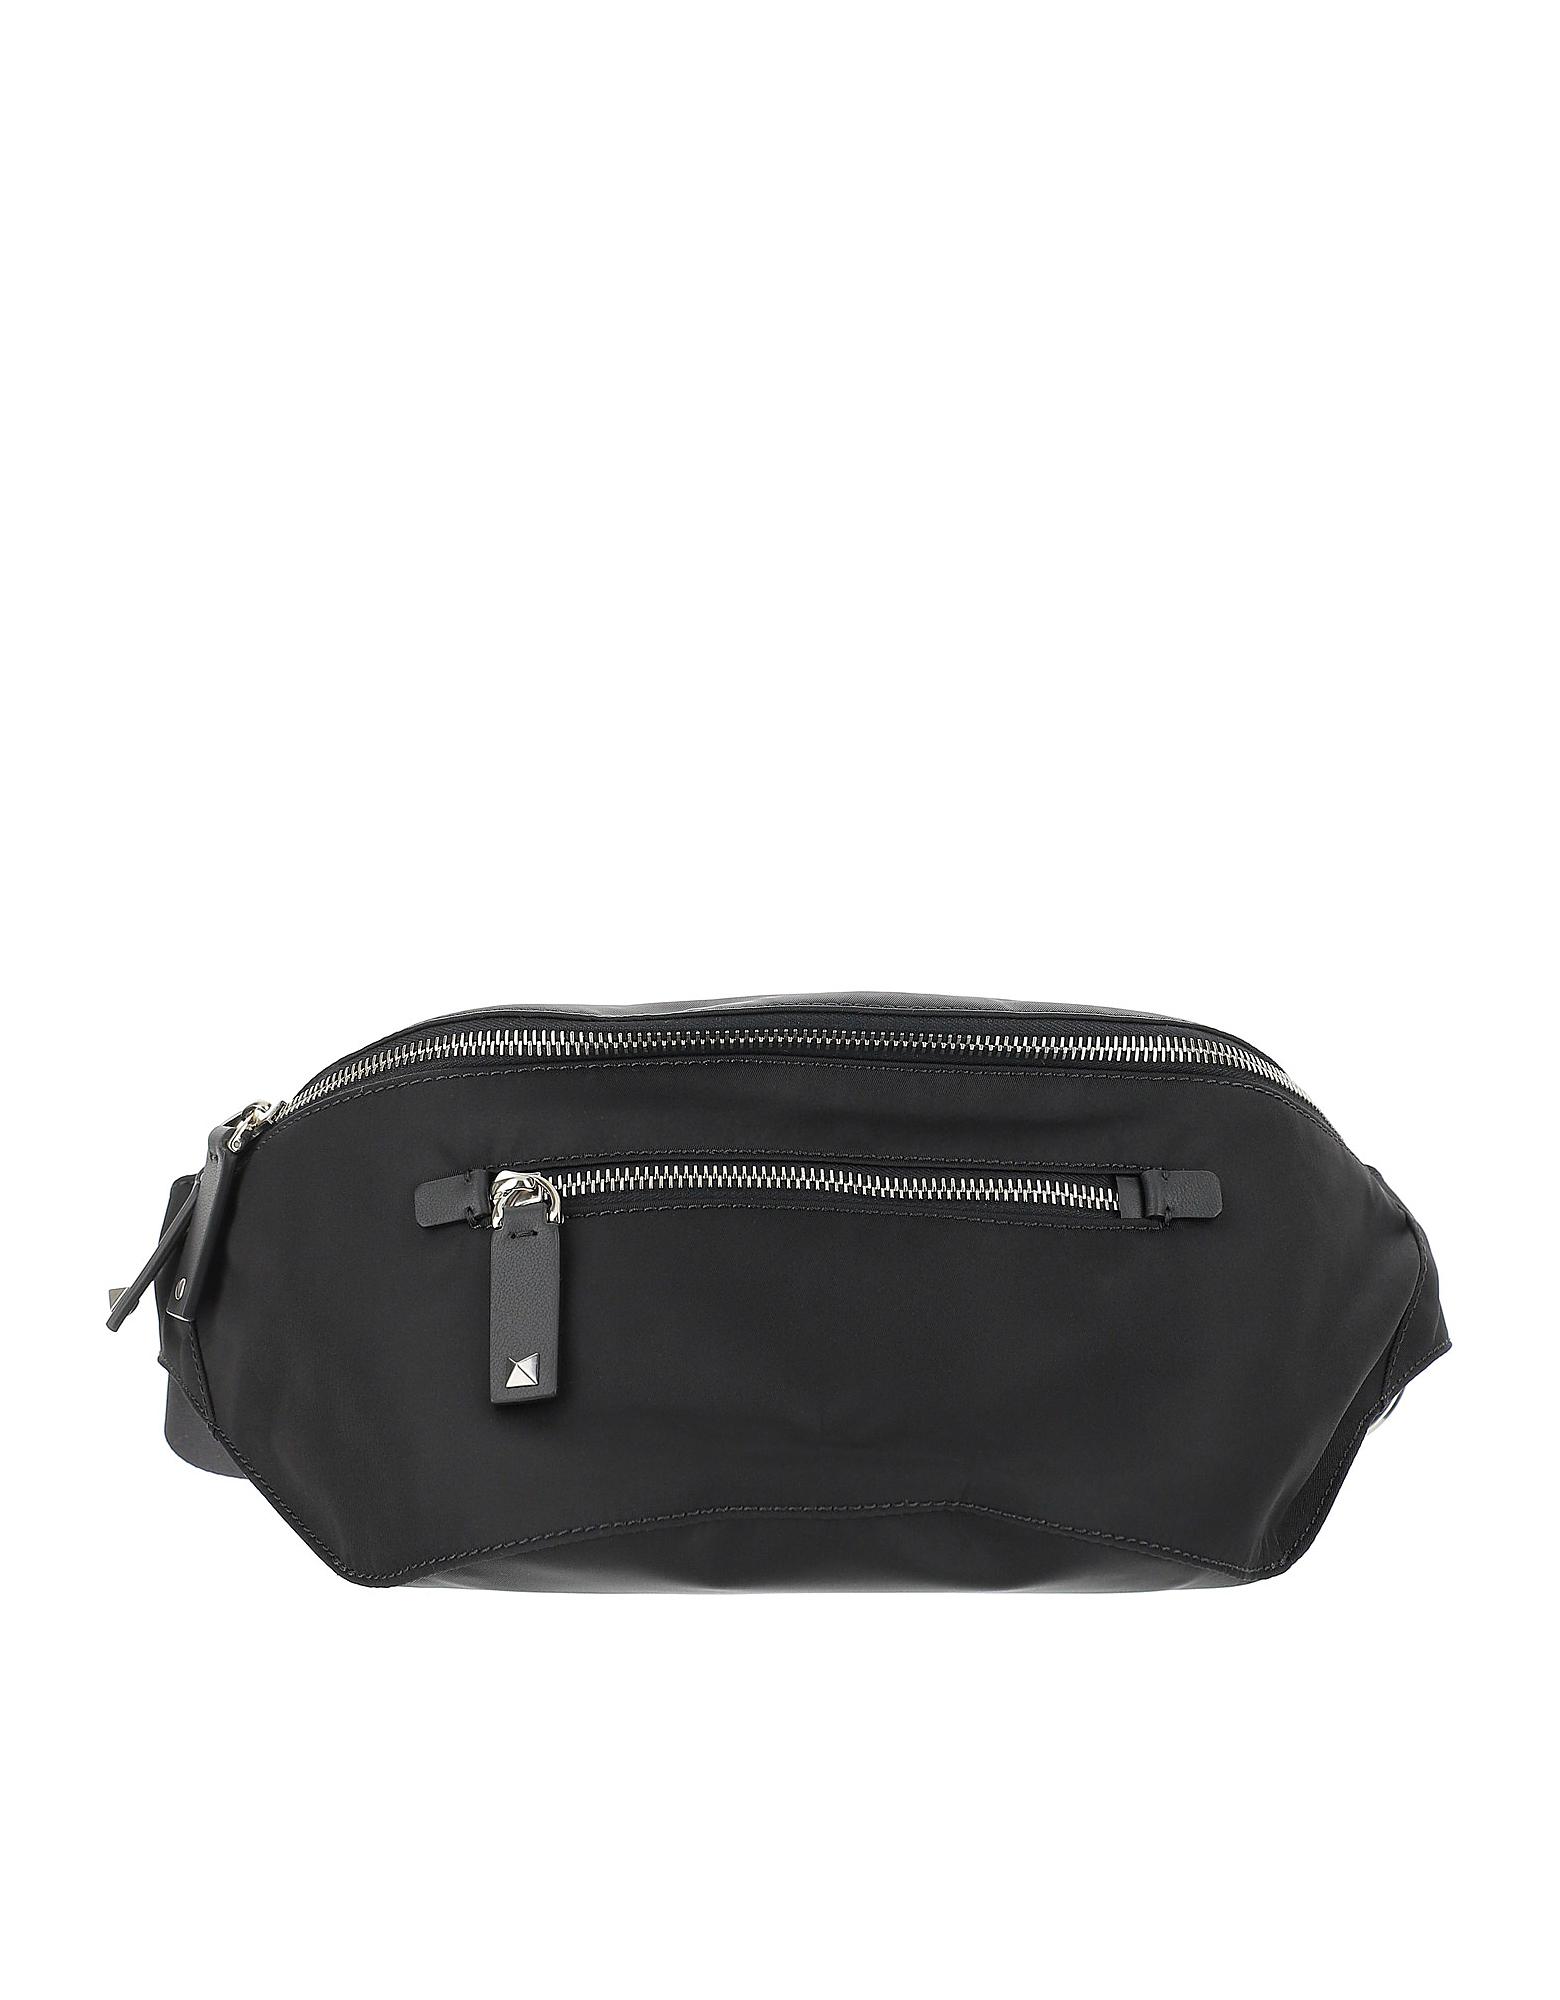 Valentino Designer Men's Bags, Black Nylon Vltn Belt Bag